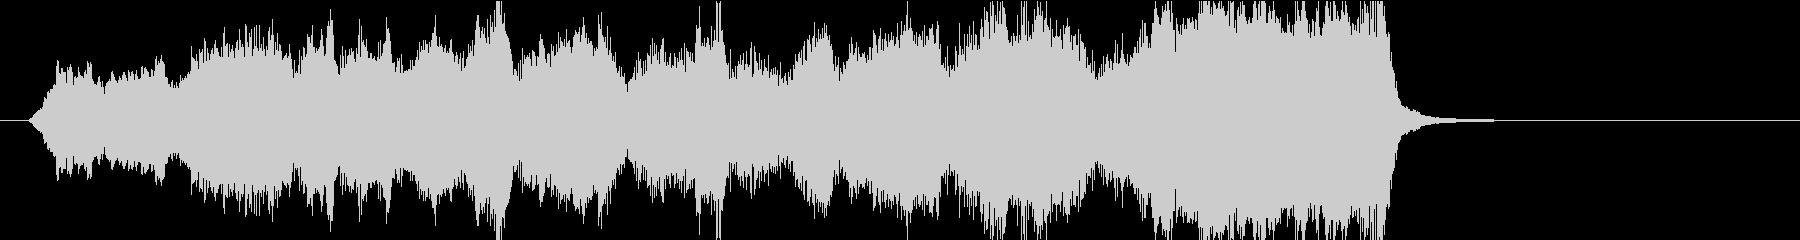 15秒CM向け 安らぎの弦楽四重奏の未再生の波形